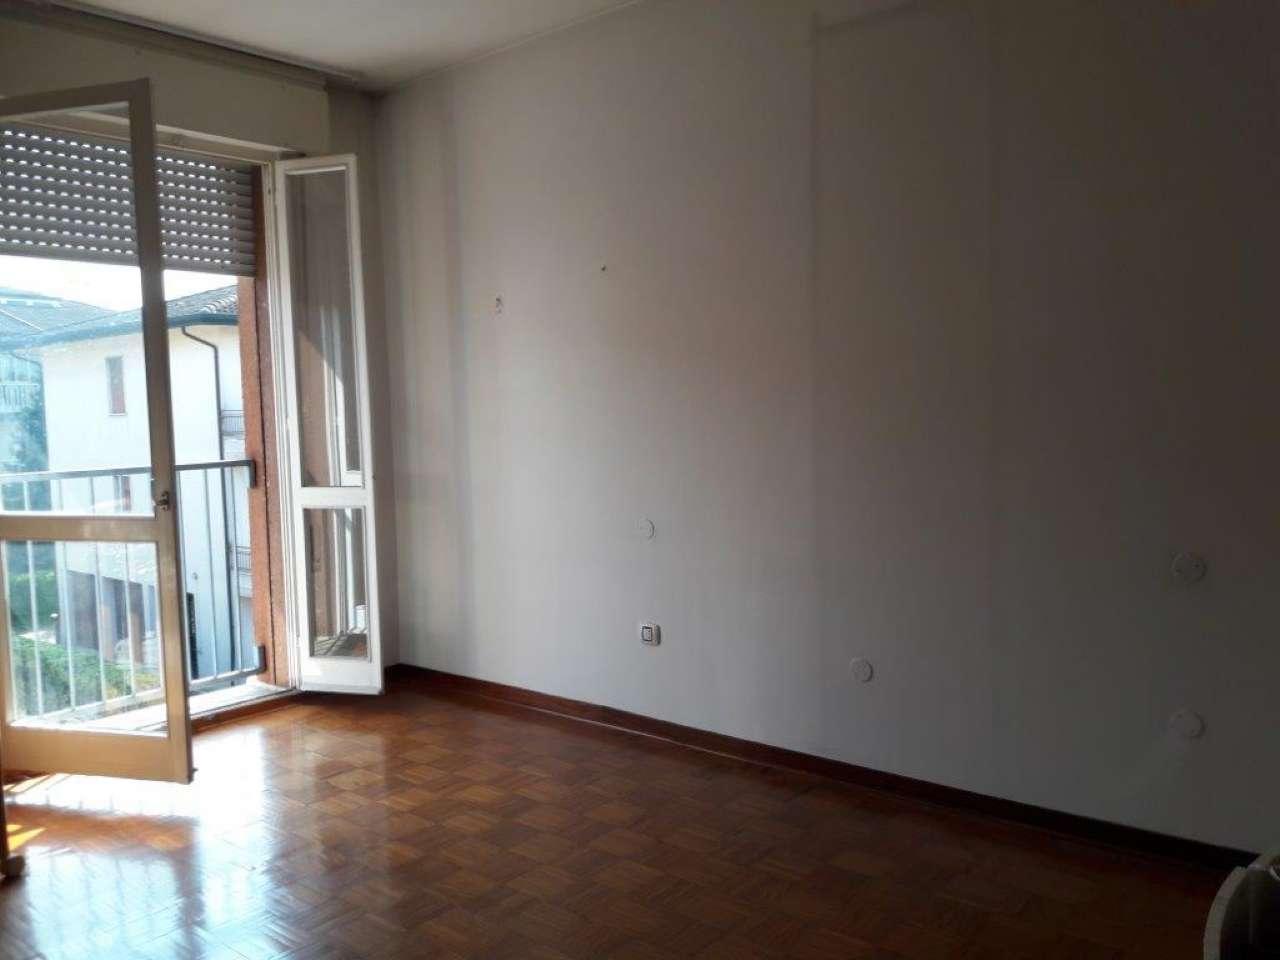 Appartamento in vendita a Padova, 4 locali, zona Zona: 6 . Ovest (Brentella-Valsugana), prezzo € 83.000 | Cambio Casa.it